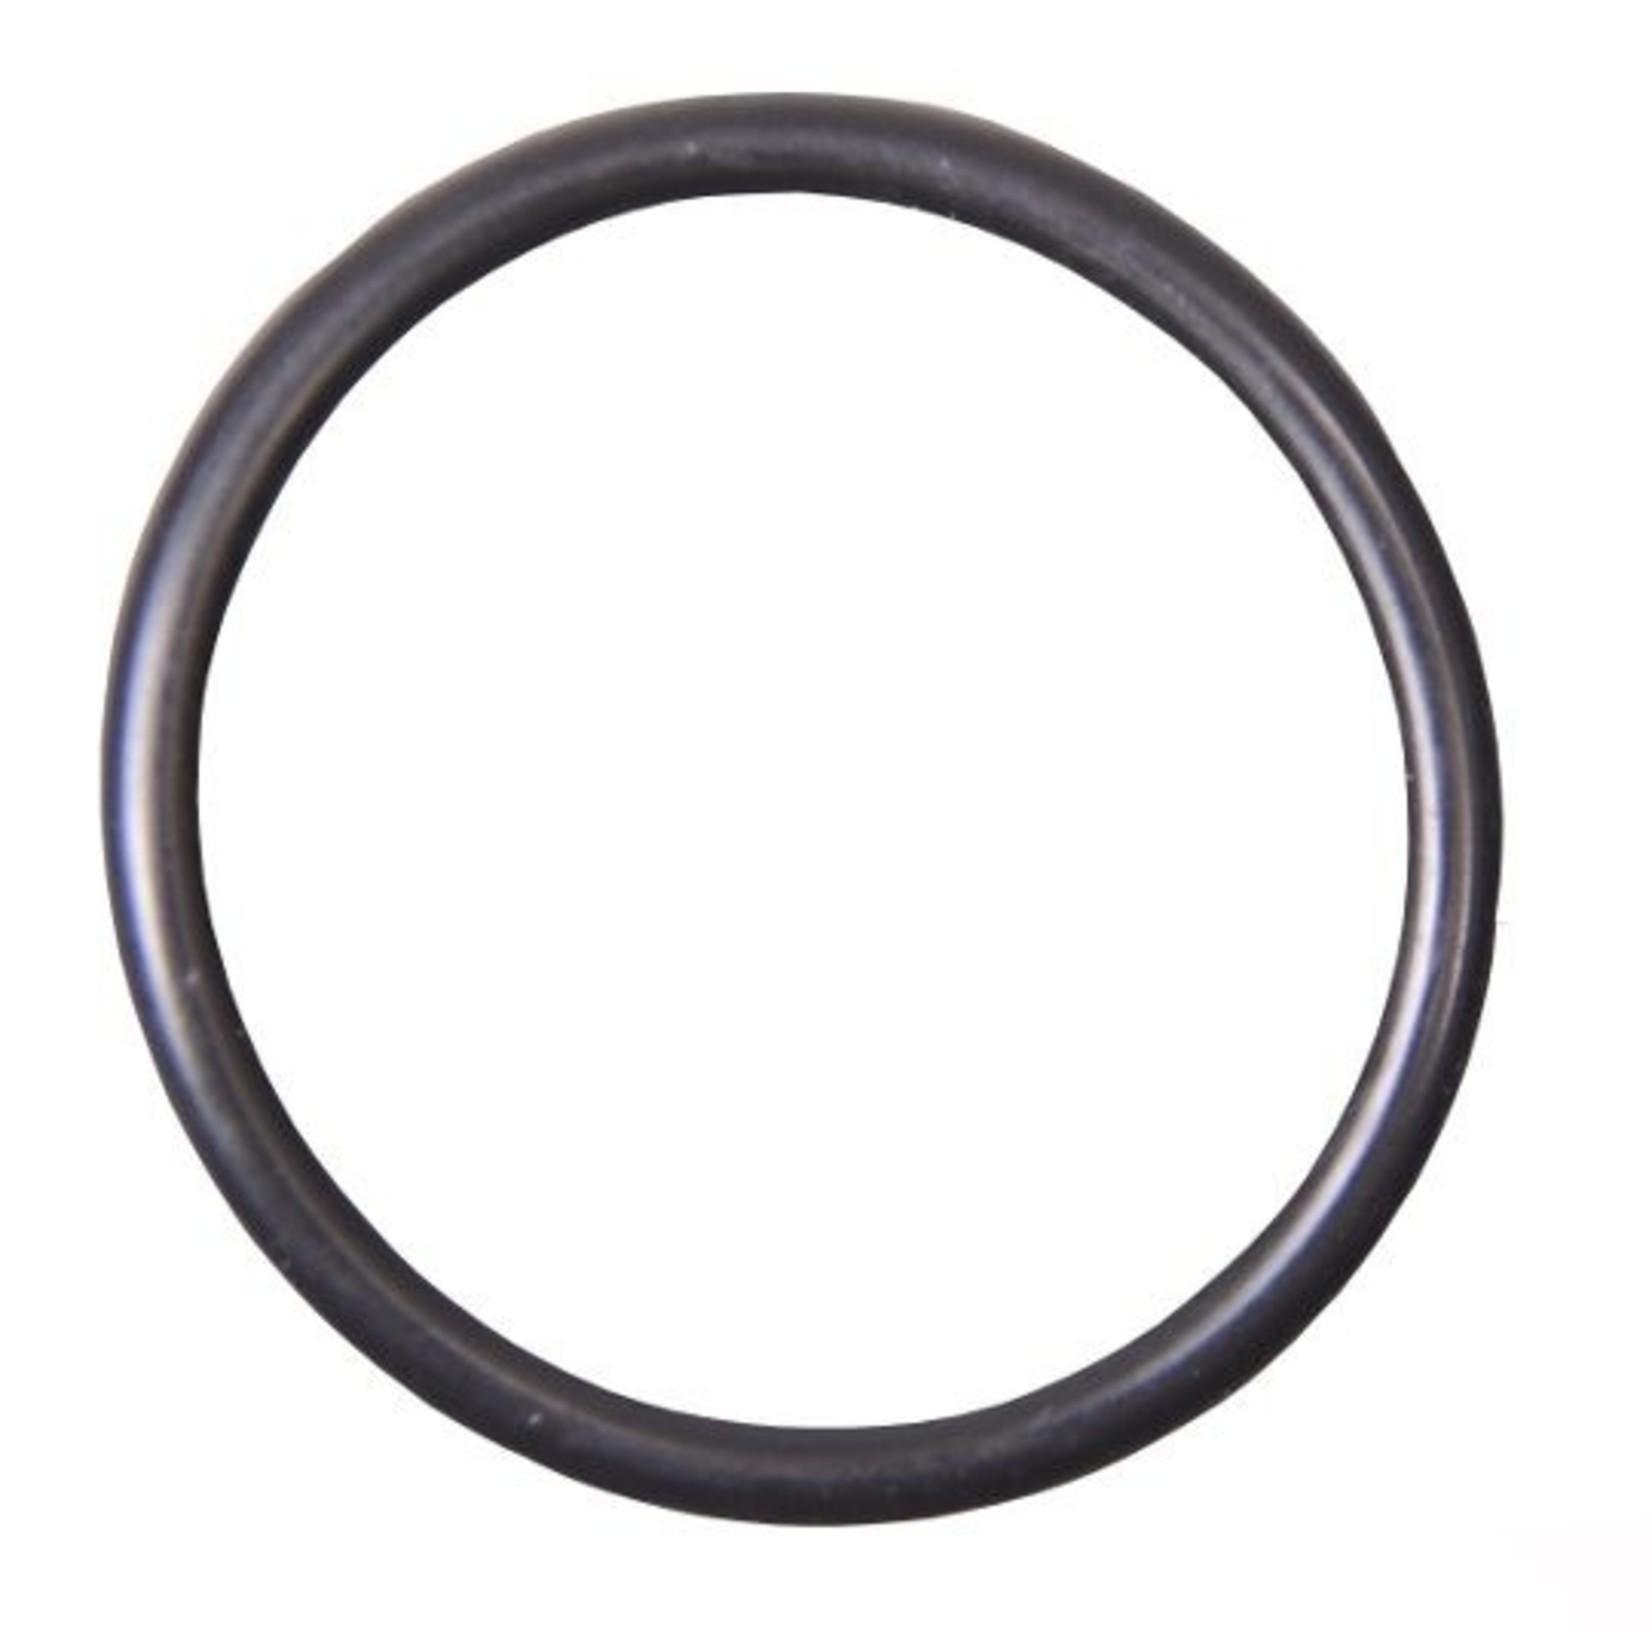 Gloria onderdelen O-ring voor om pomphuis (Ø 38 x 5)